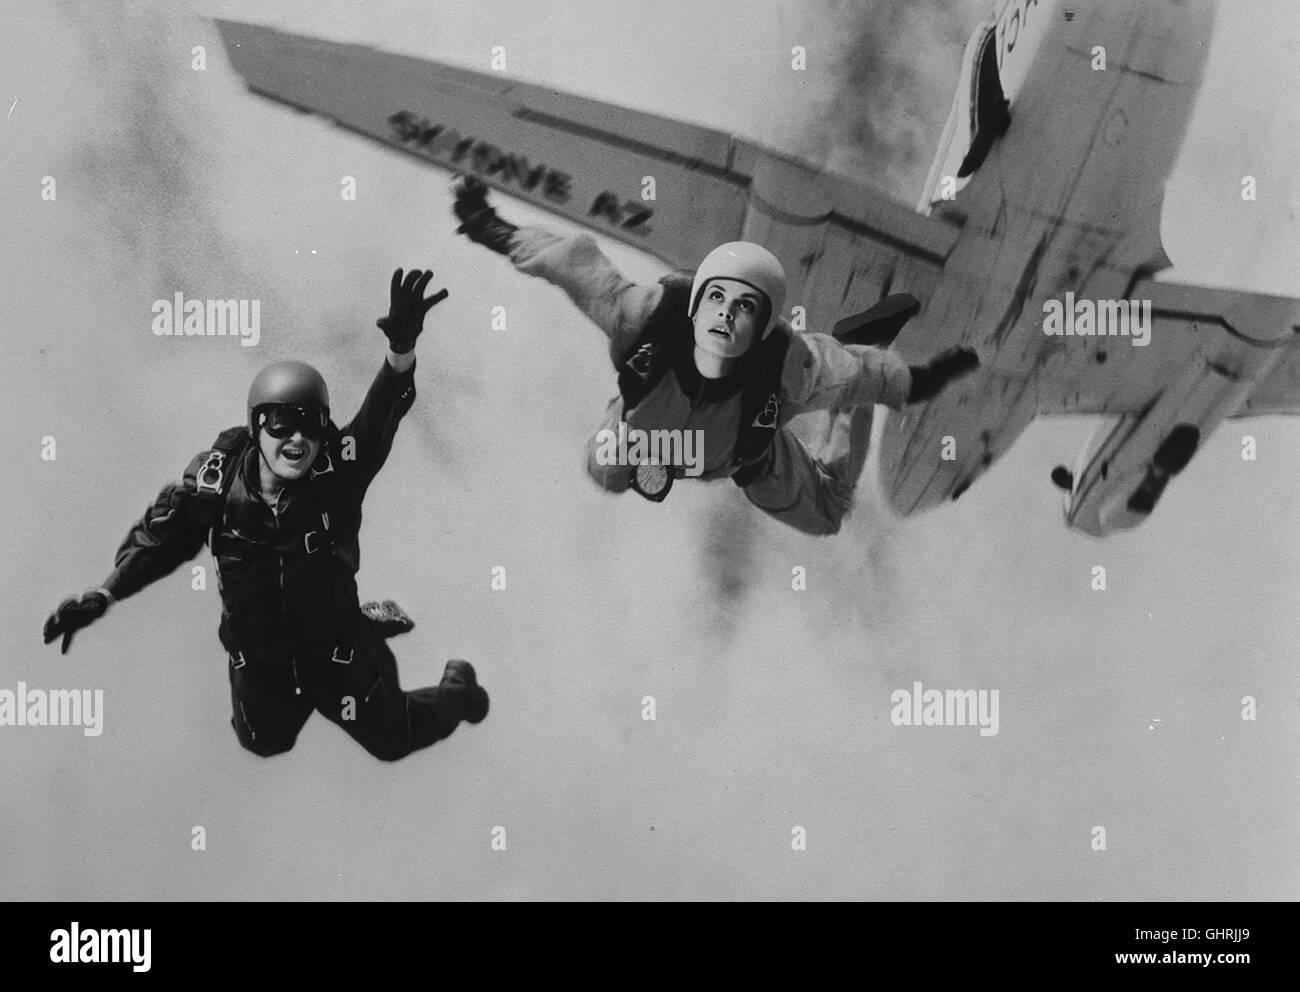 TÖDLICHE GESCHWINDIGKEIT - Die geheimnisvolle Schülerin Chris Morrow (NASTASSJA KINSKI) des Fallschirmlehrers - Stock Image